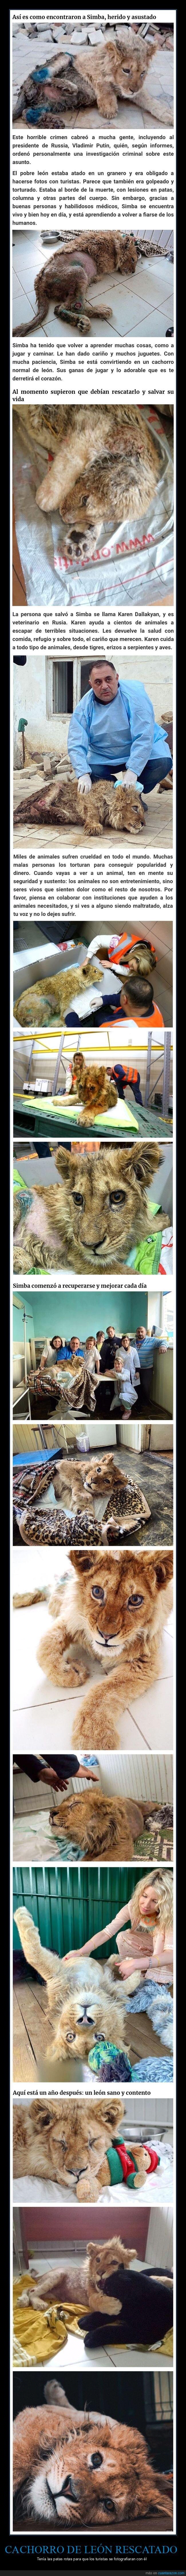 cachorro,león,patas,rescatado,rotas